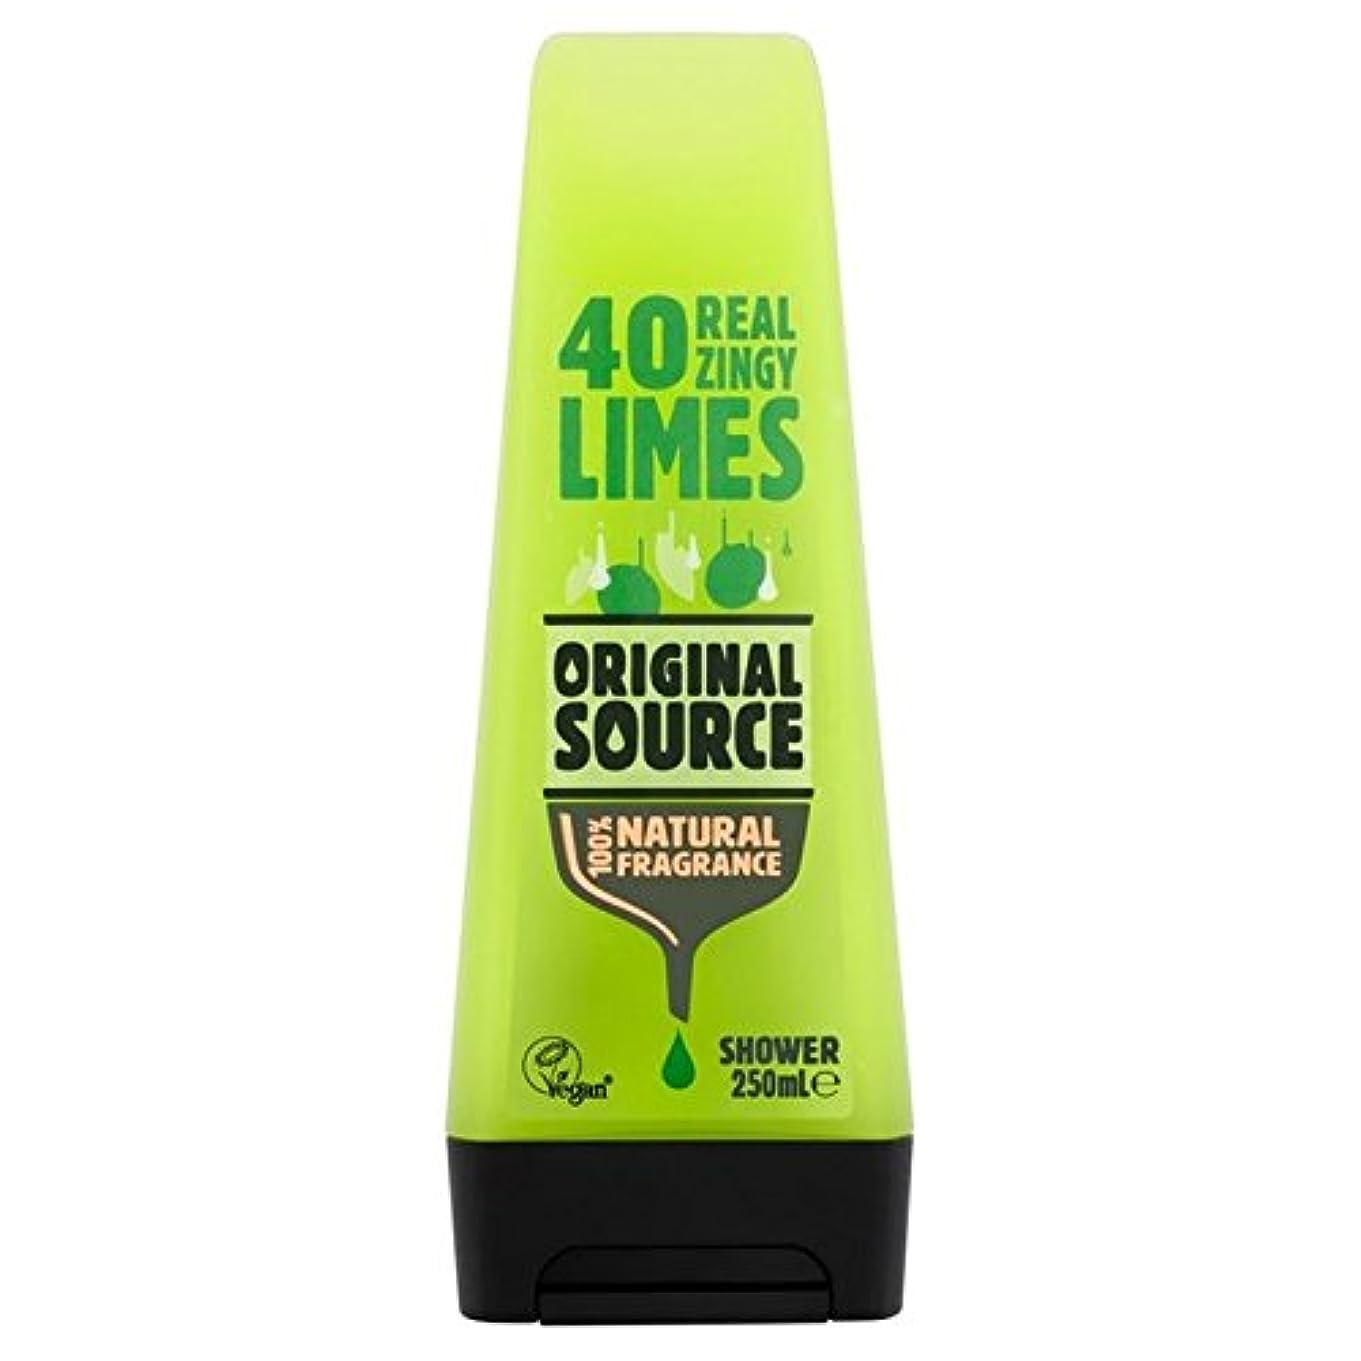 指令ながら光元のソースライムシャワージェル250ミリリットル x2 - Original Source Lime Shower Gel 250ml (Pack of 2) [並行輸入品]